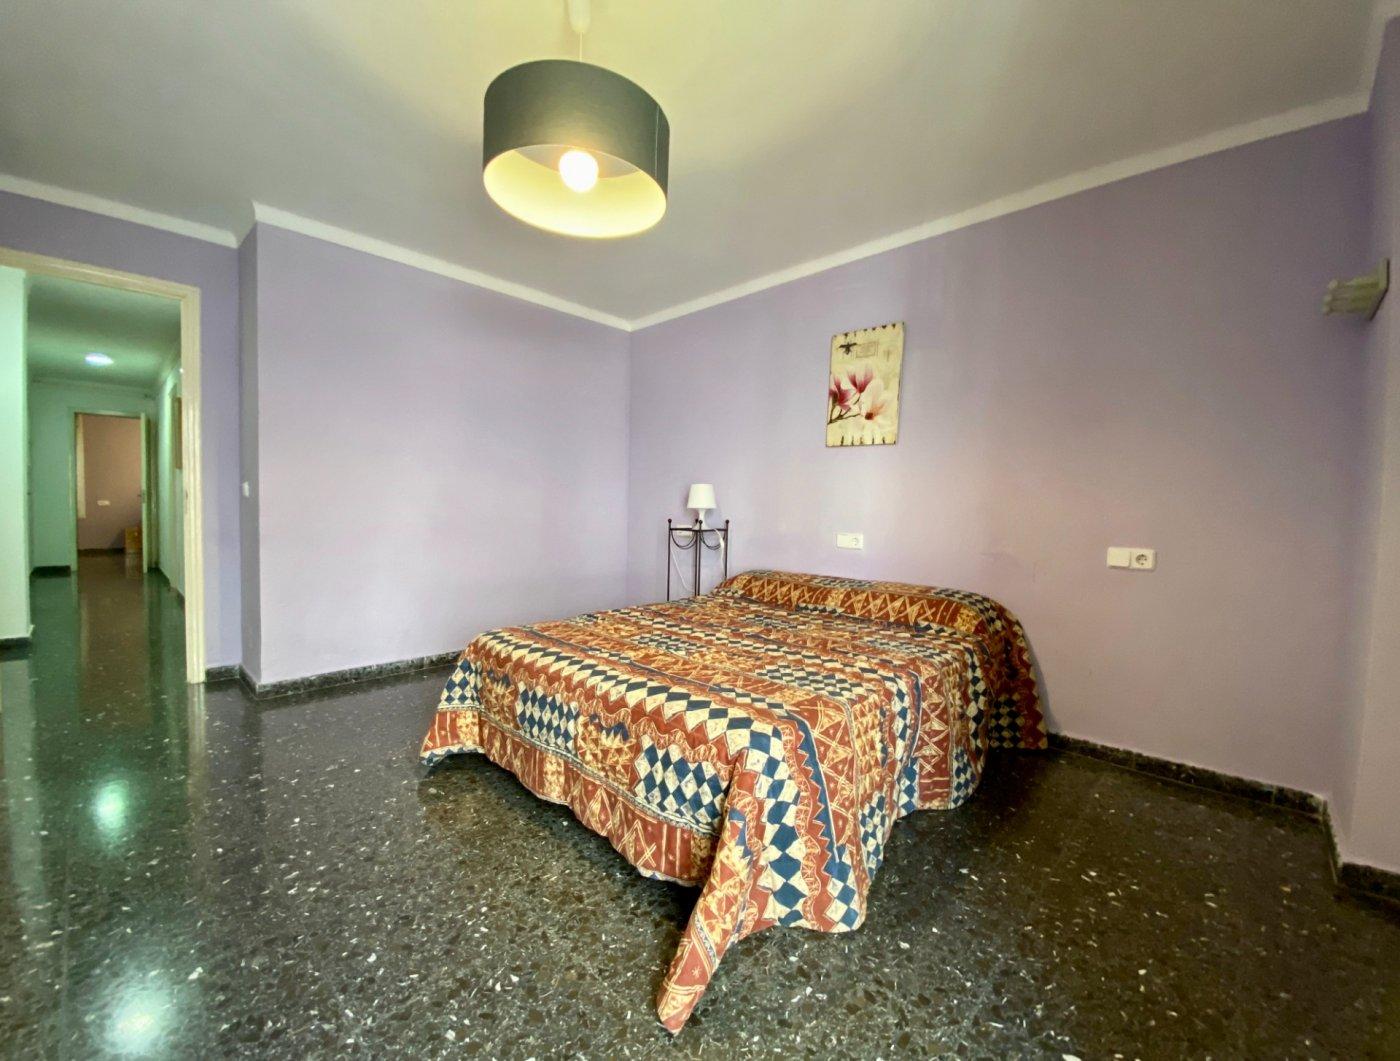 Espacioso piso a la venta en puerto pollensa - imagenInmueble5